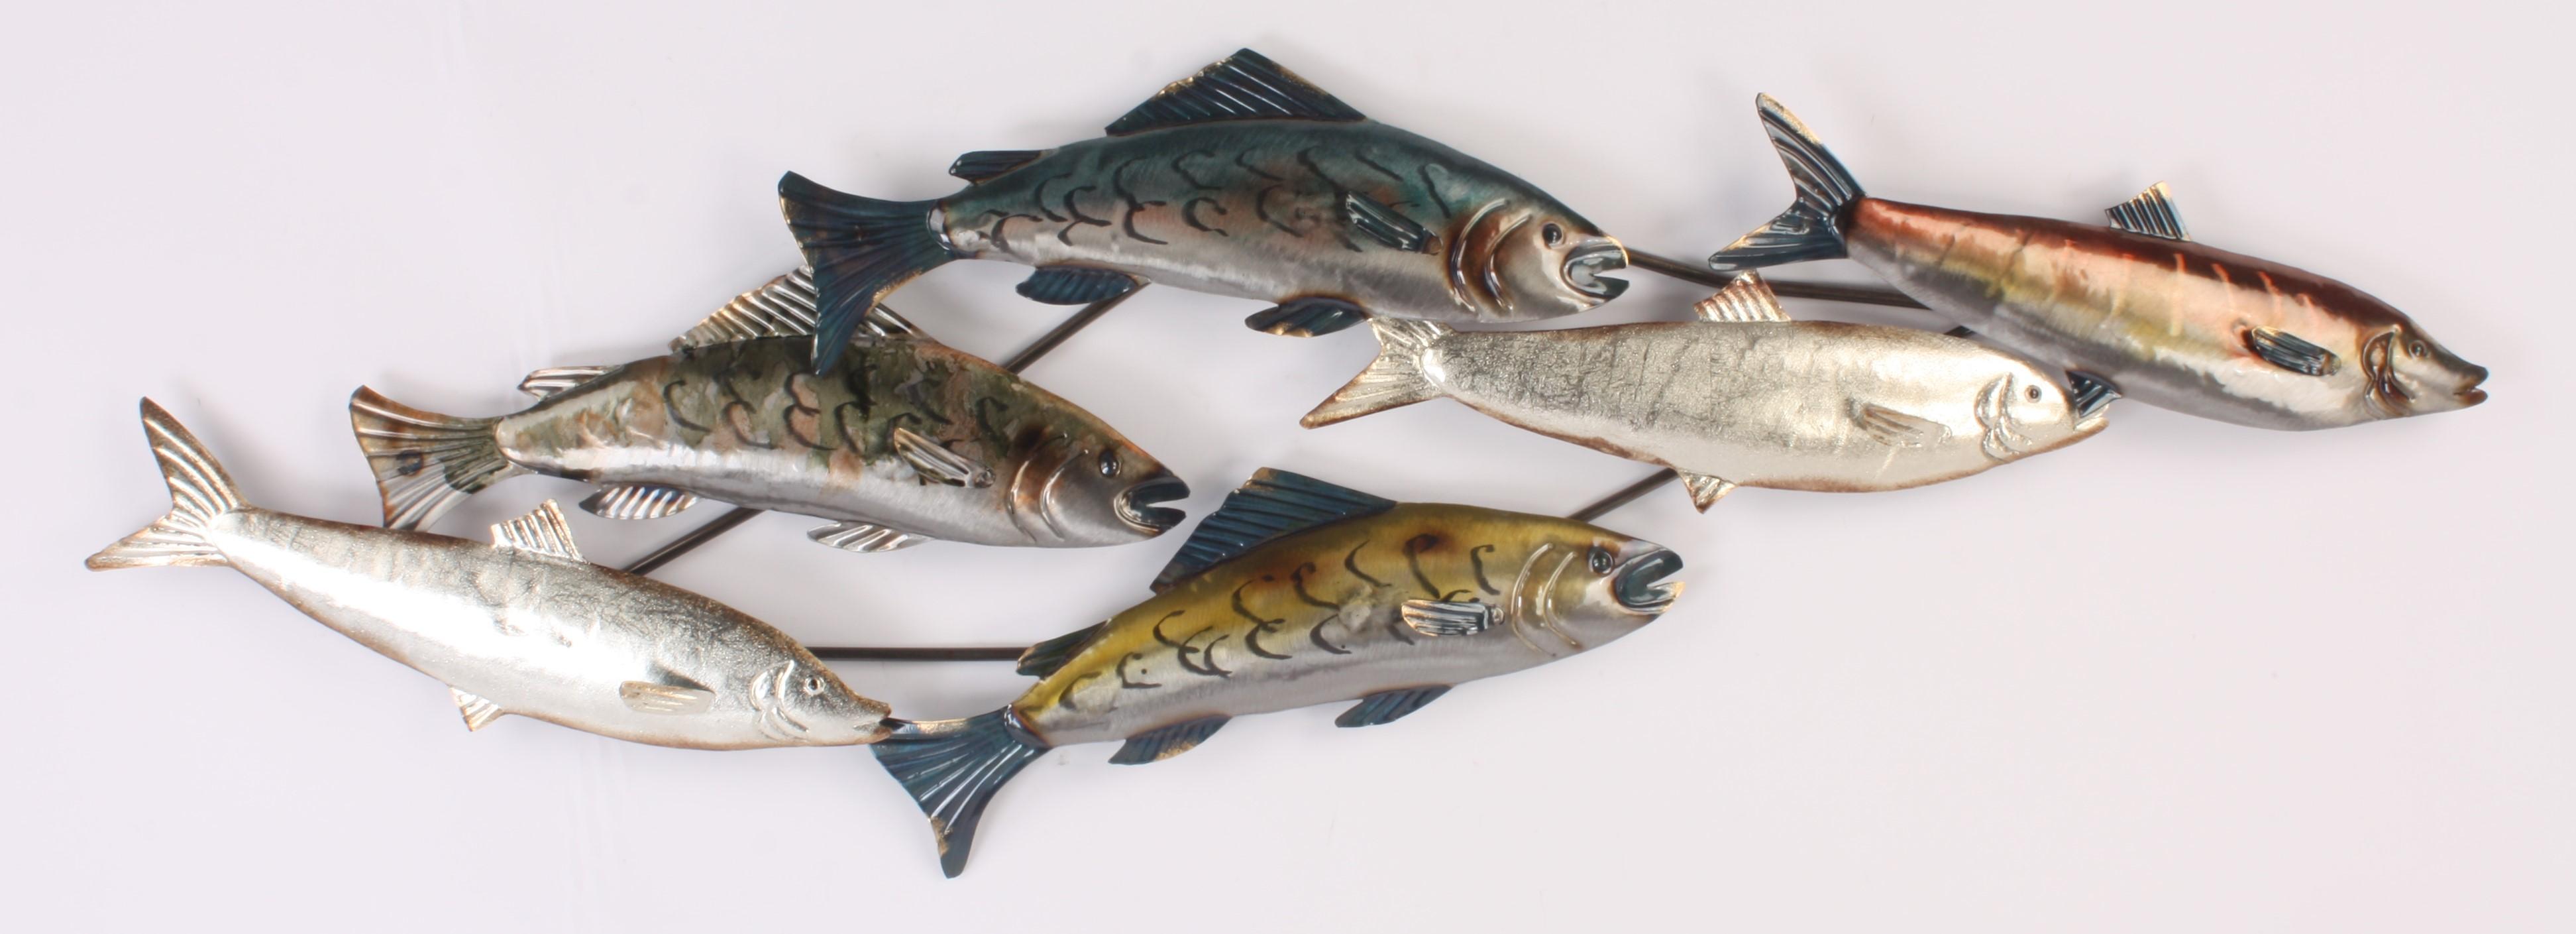 1305 Pesce metalen wanddecoratie